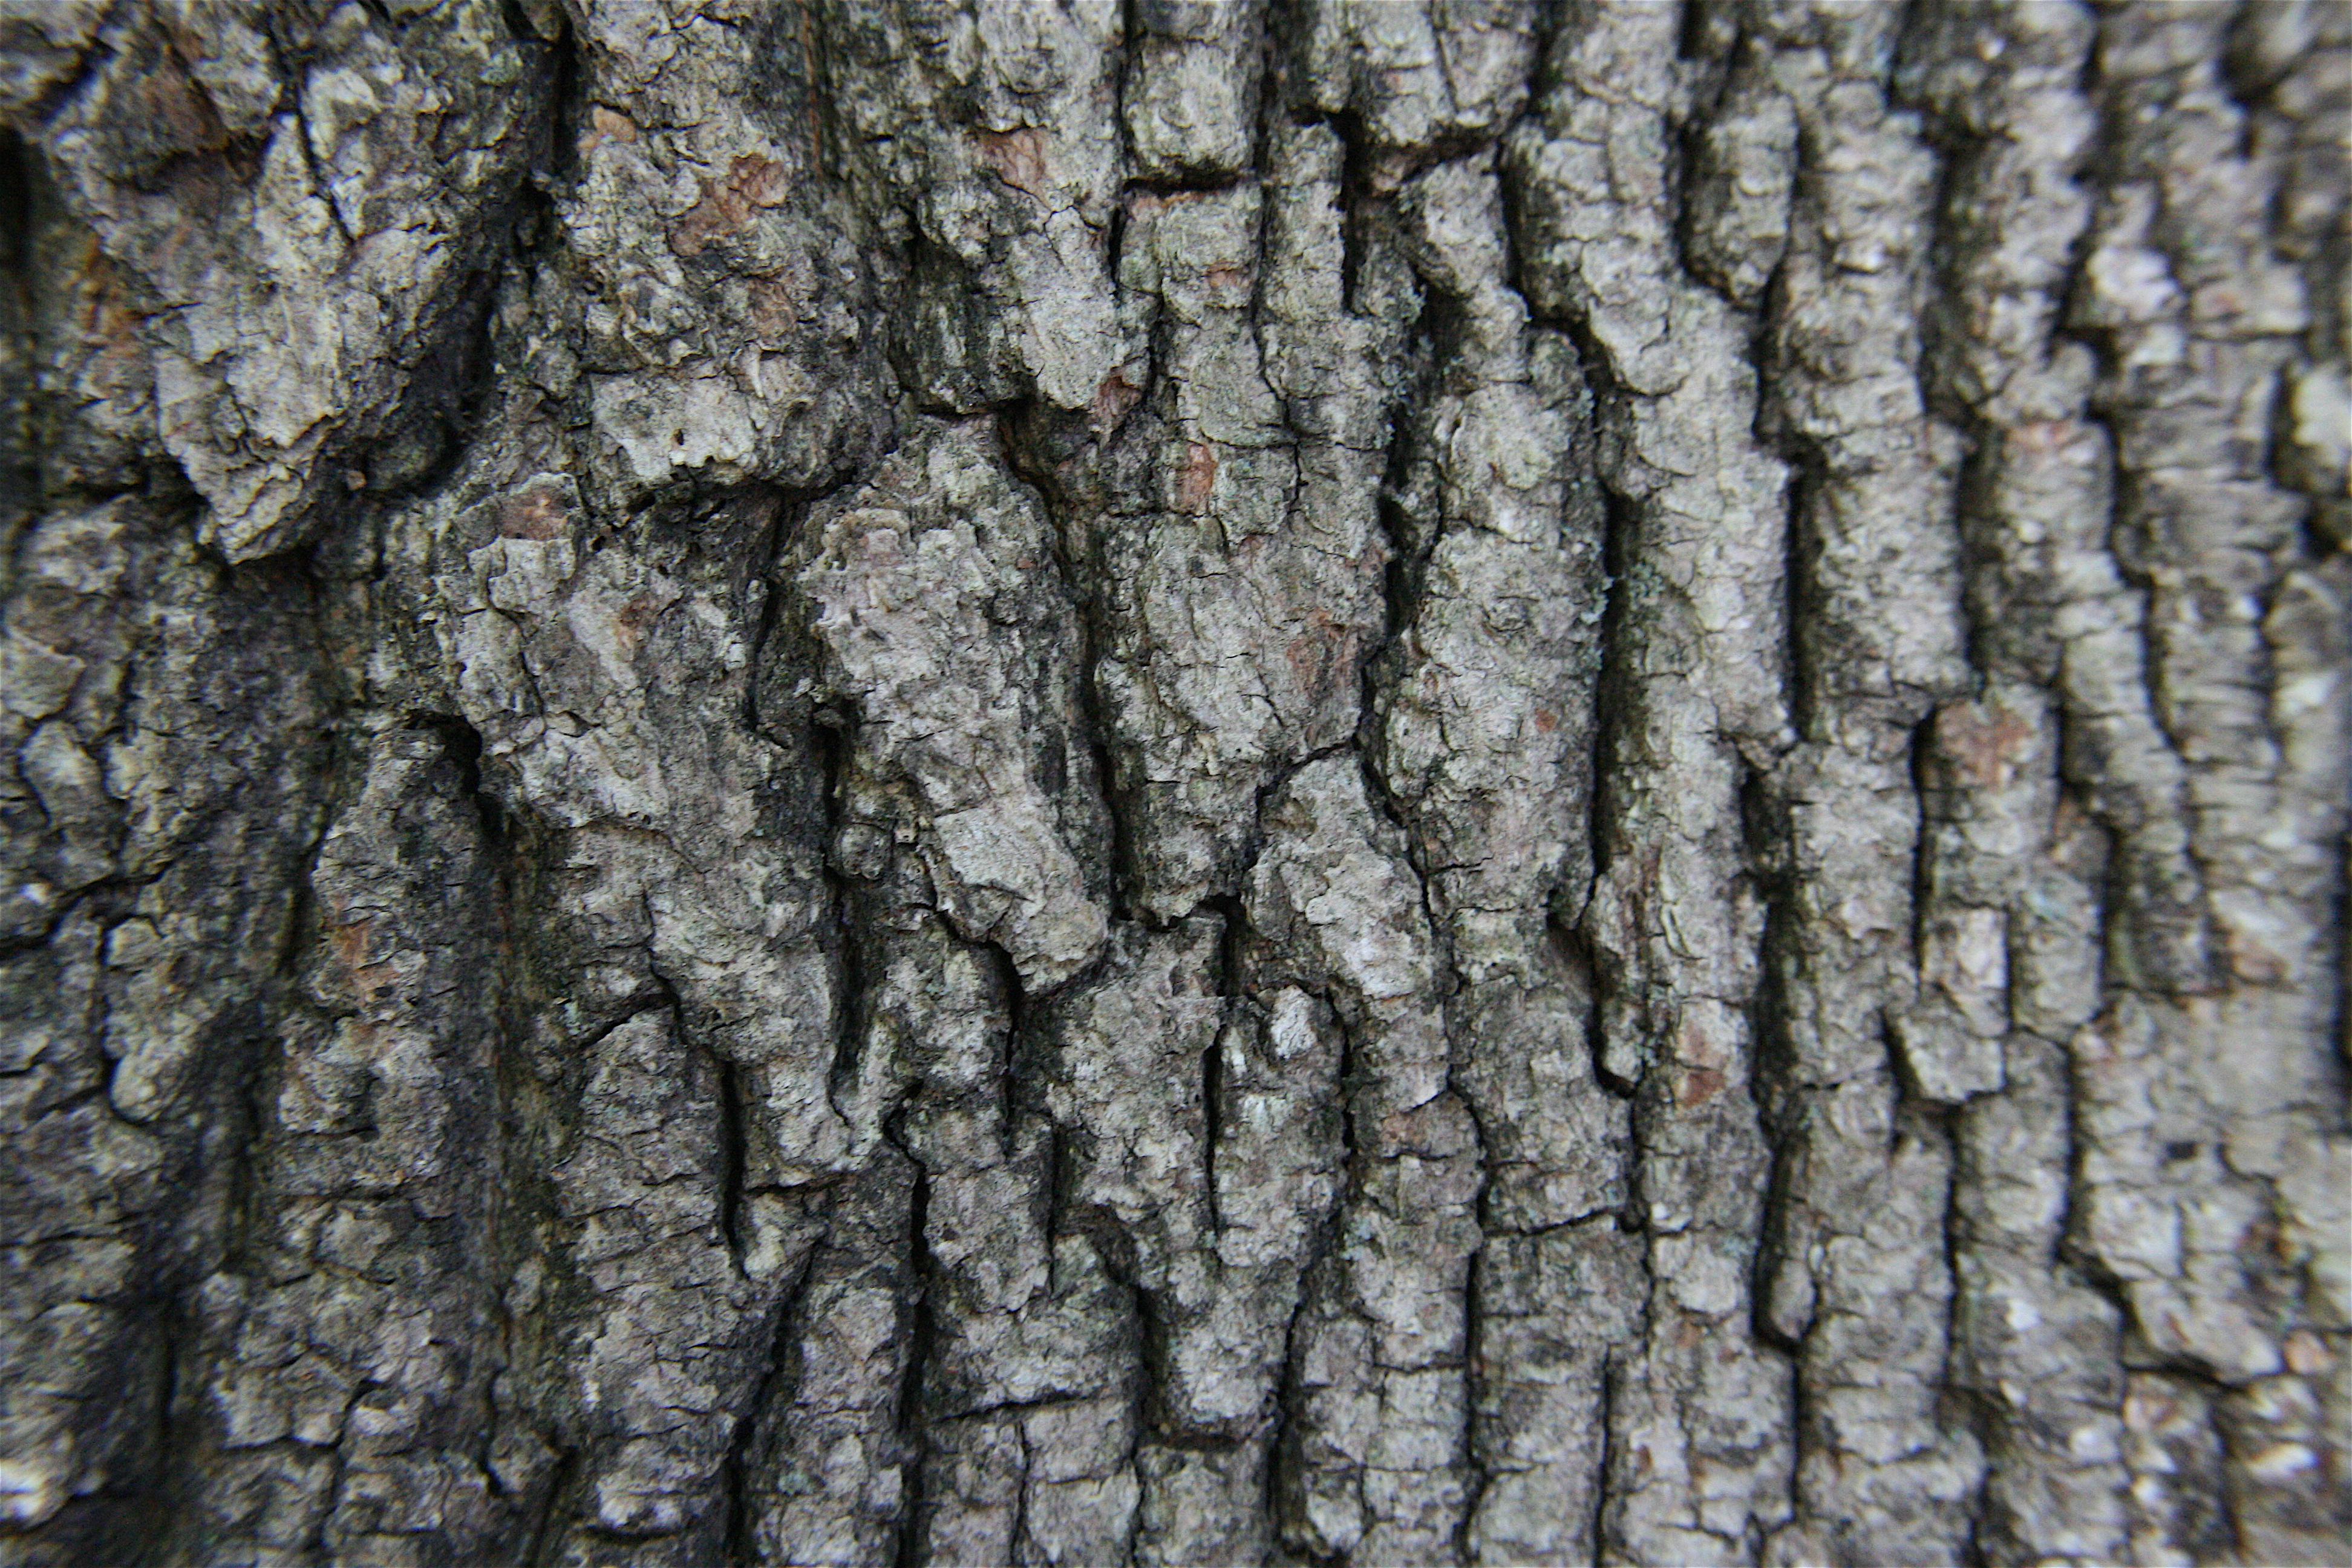 File:Acer rubrum(Bark).JPG - Wikimedia Commons